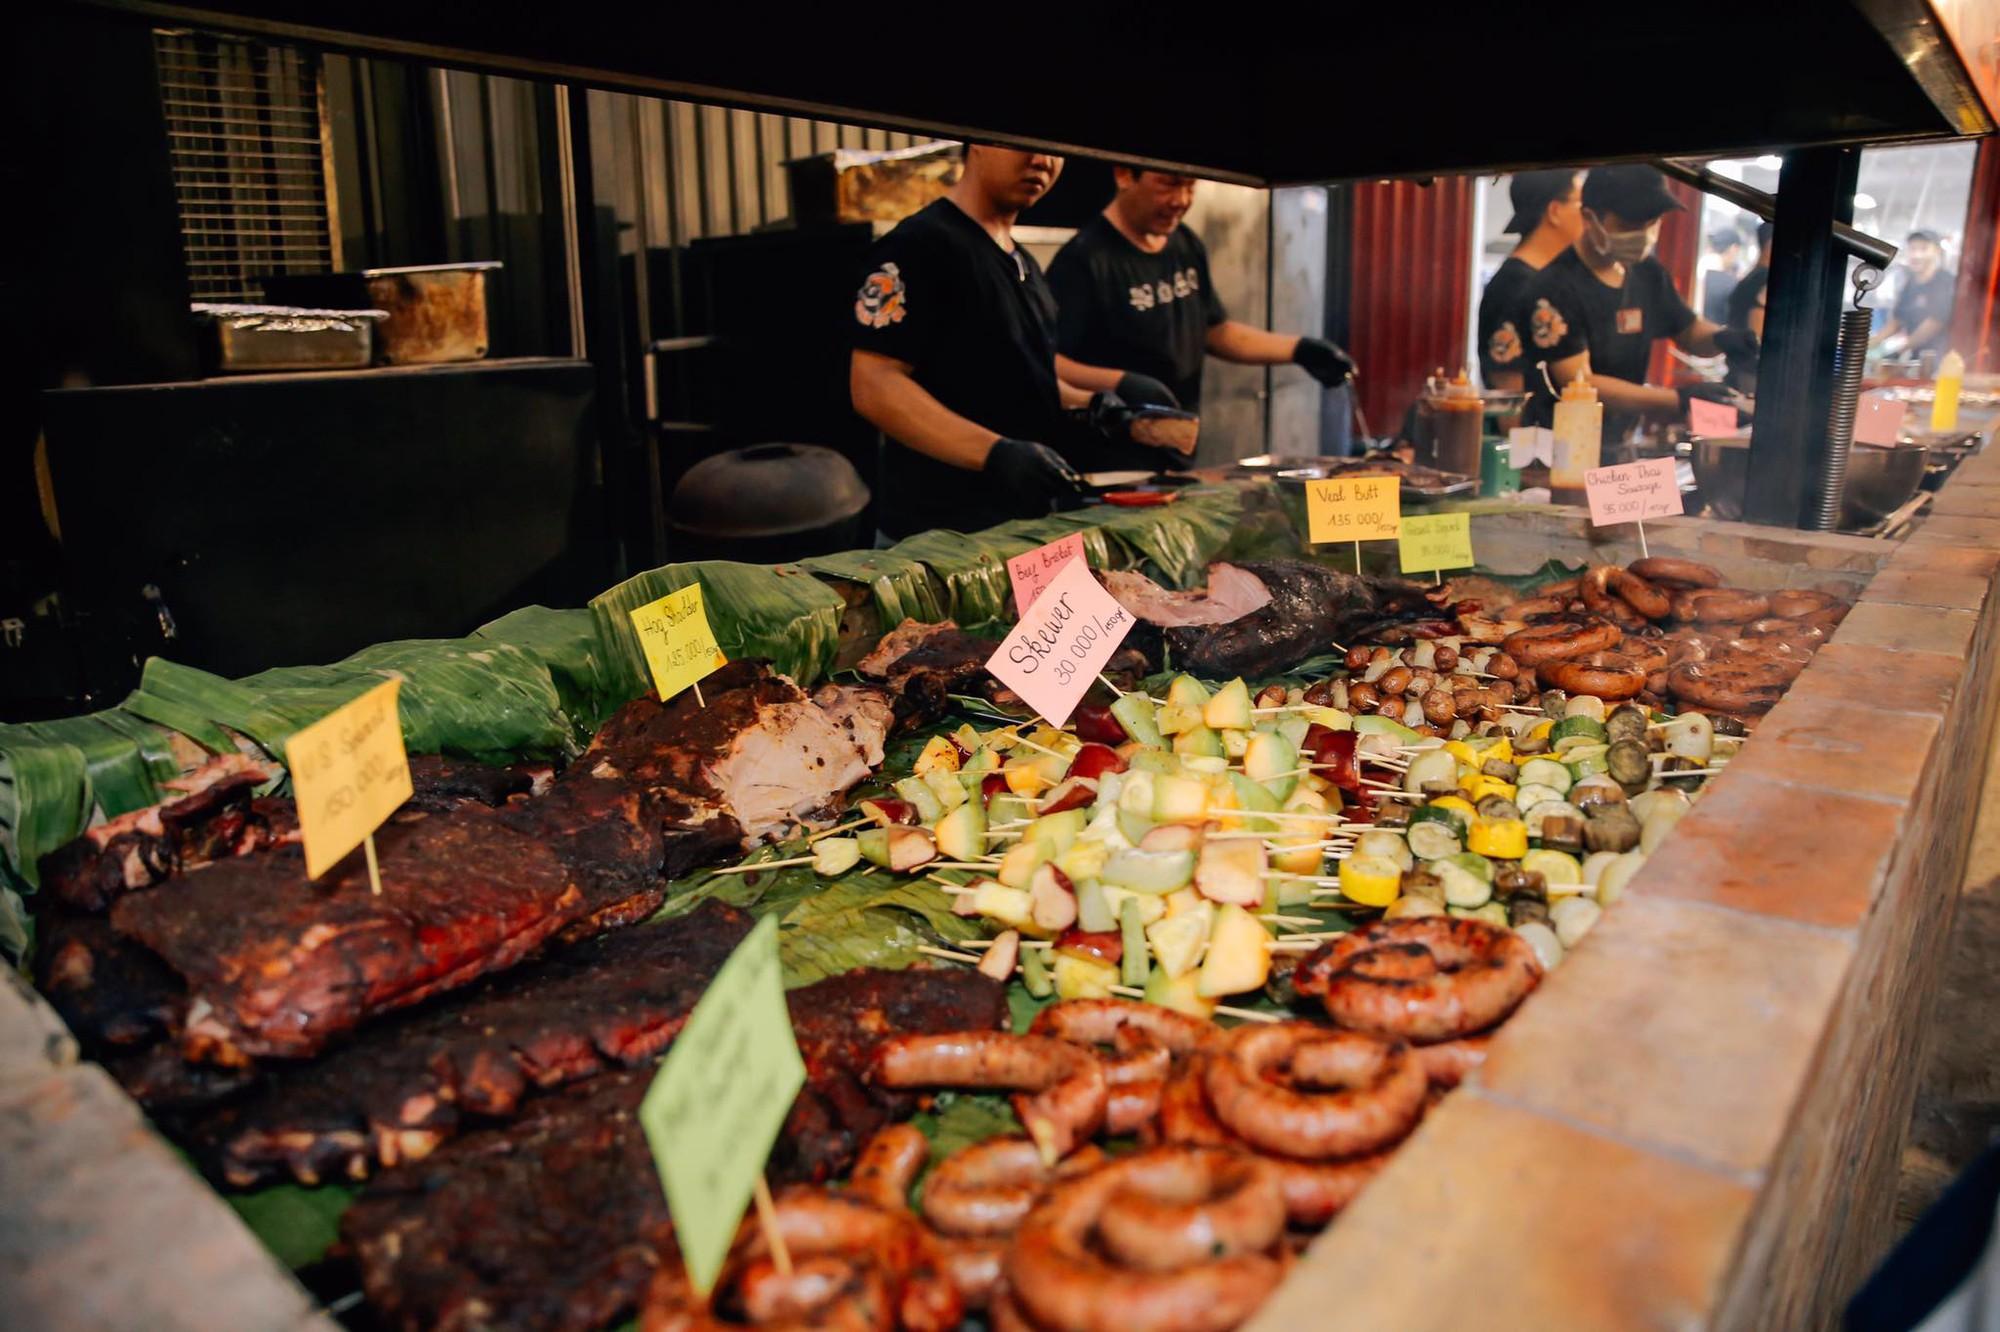 Tổng hợp những món ăn nhất định phải thử khi đặt chân tới Sài Gòn - Ảnh 1.